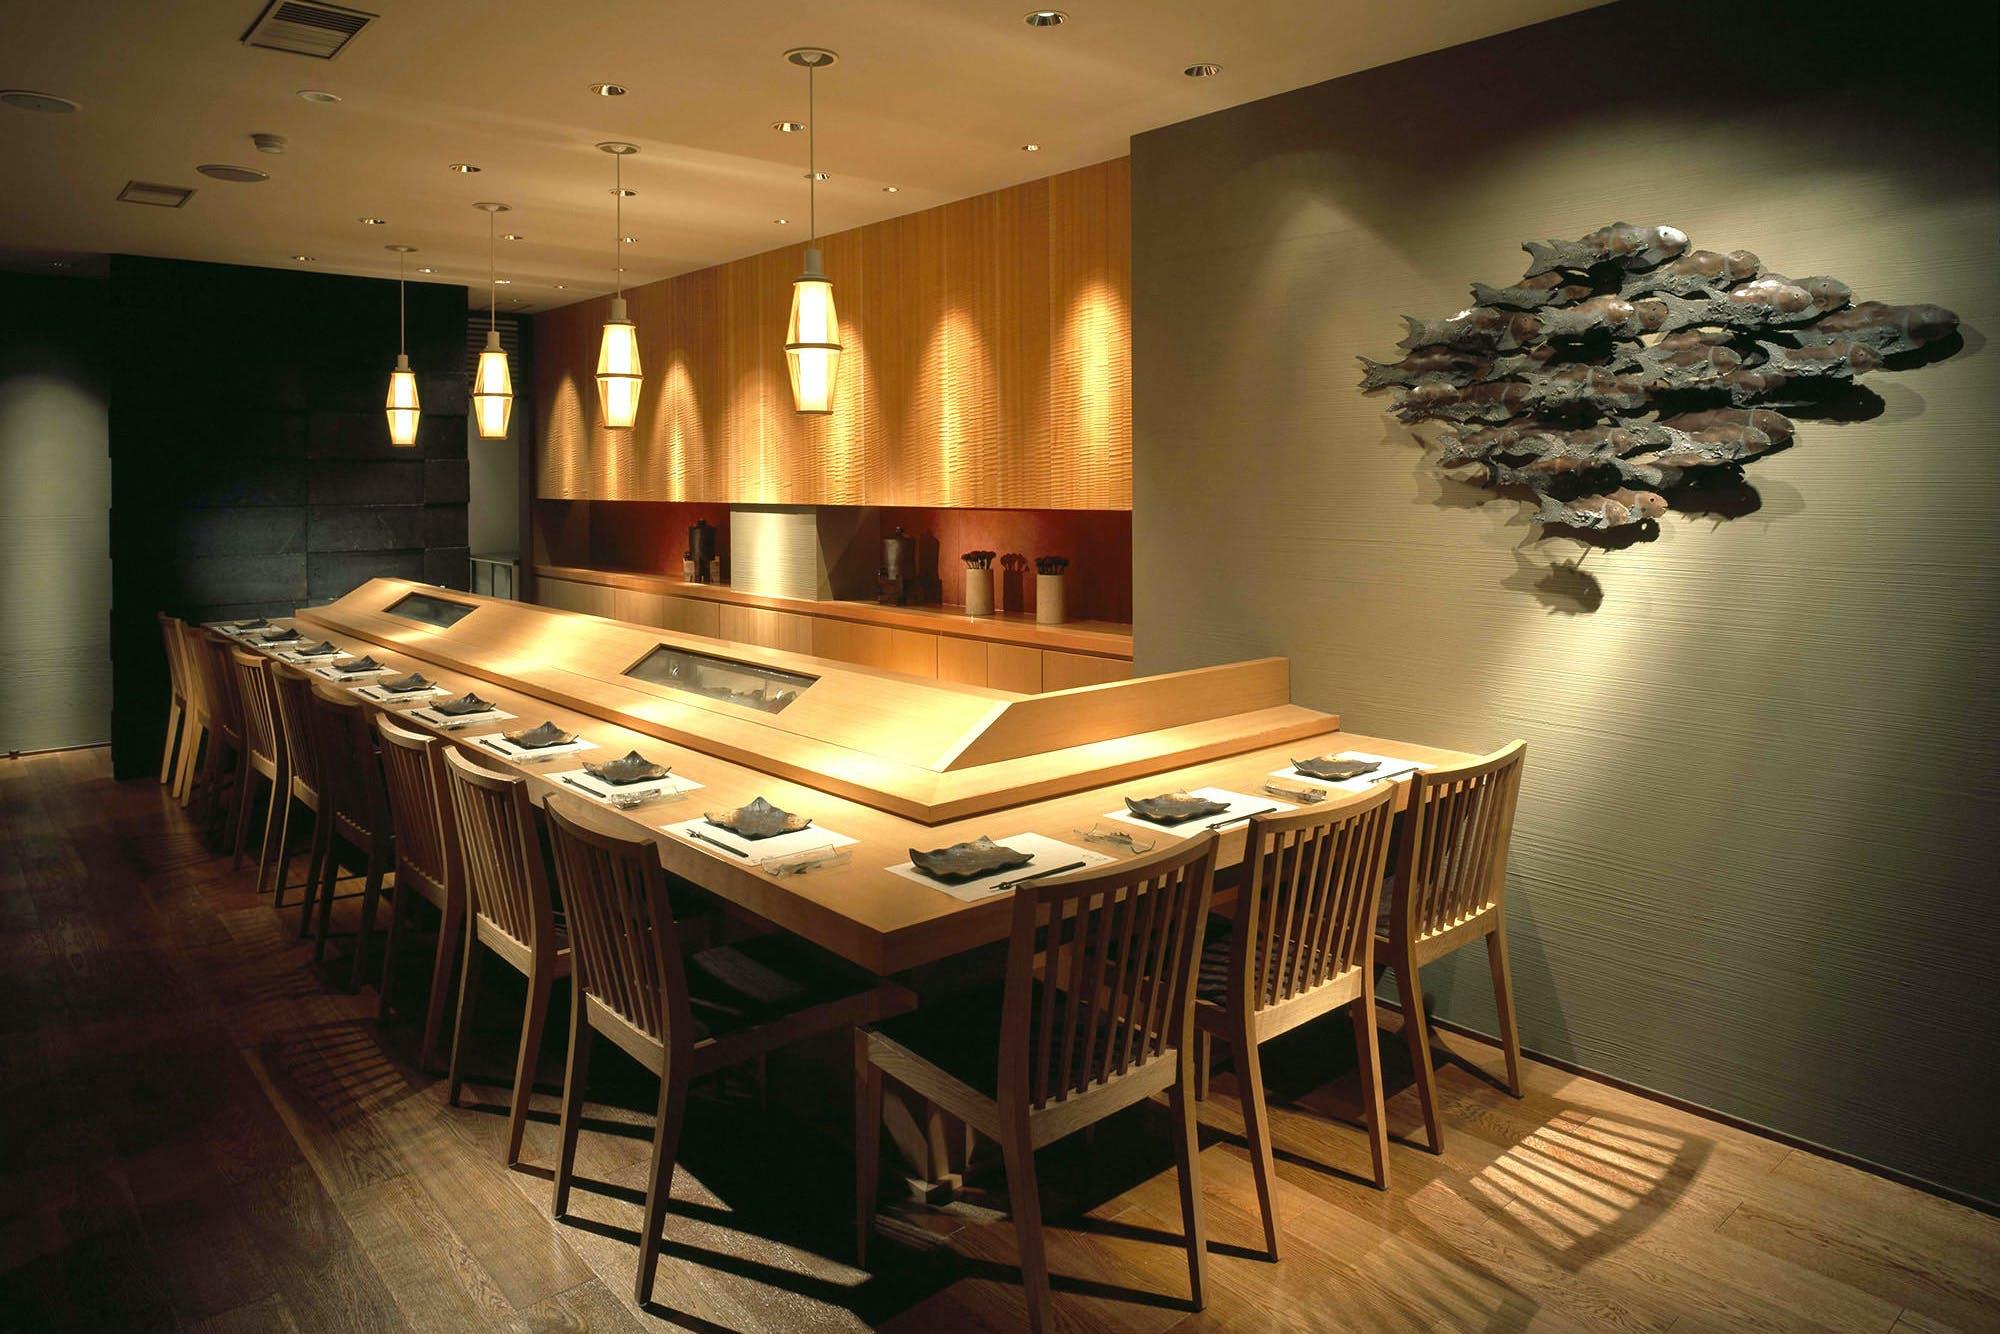 日本料理 玄海/THE LUIGANS-Spa & Resort-ザ・ルイガンズ.